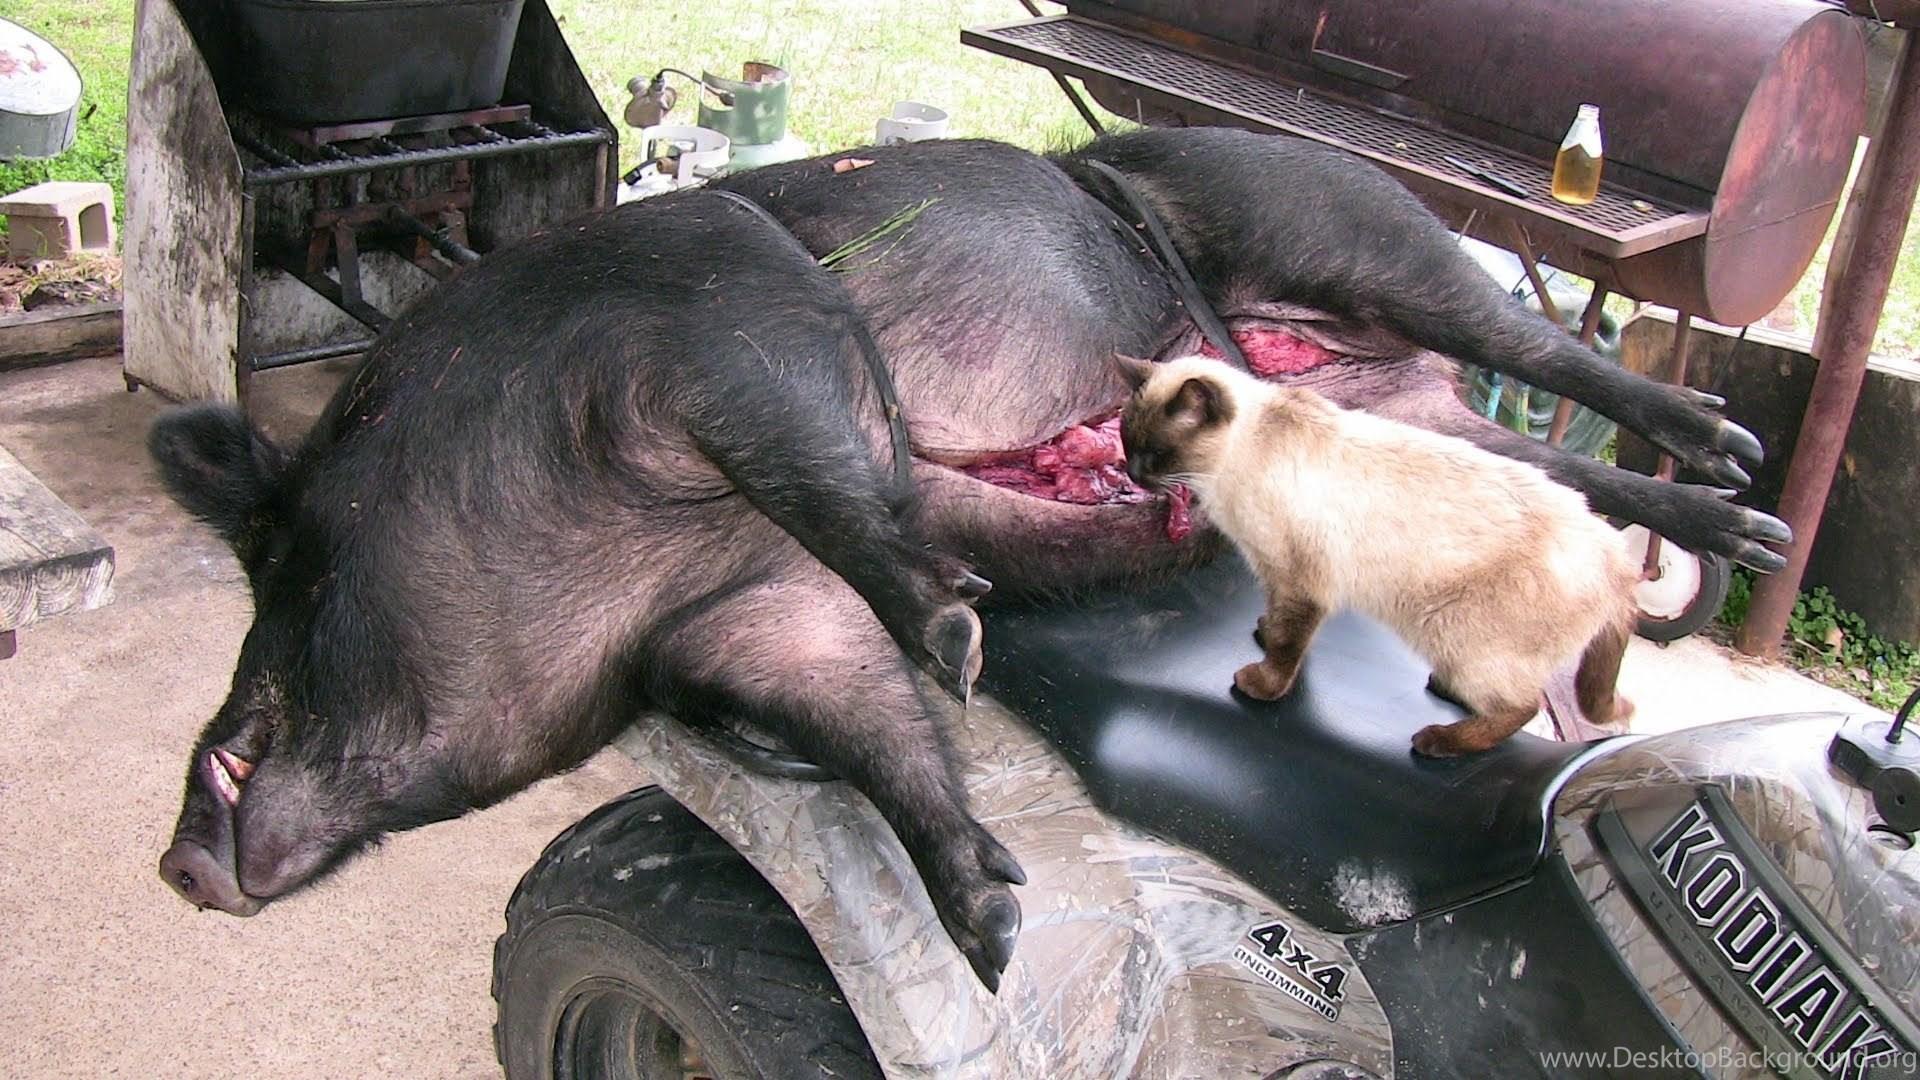 Big Boar Headshot! Wild Hog Hunting Wild Boar Hunting